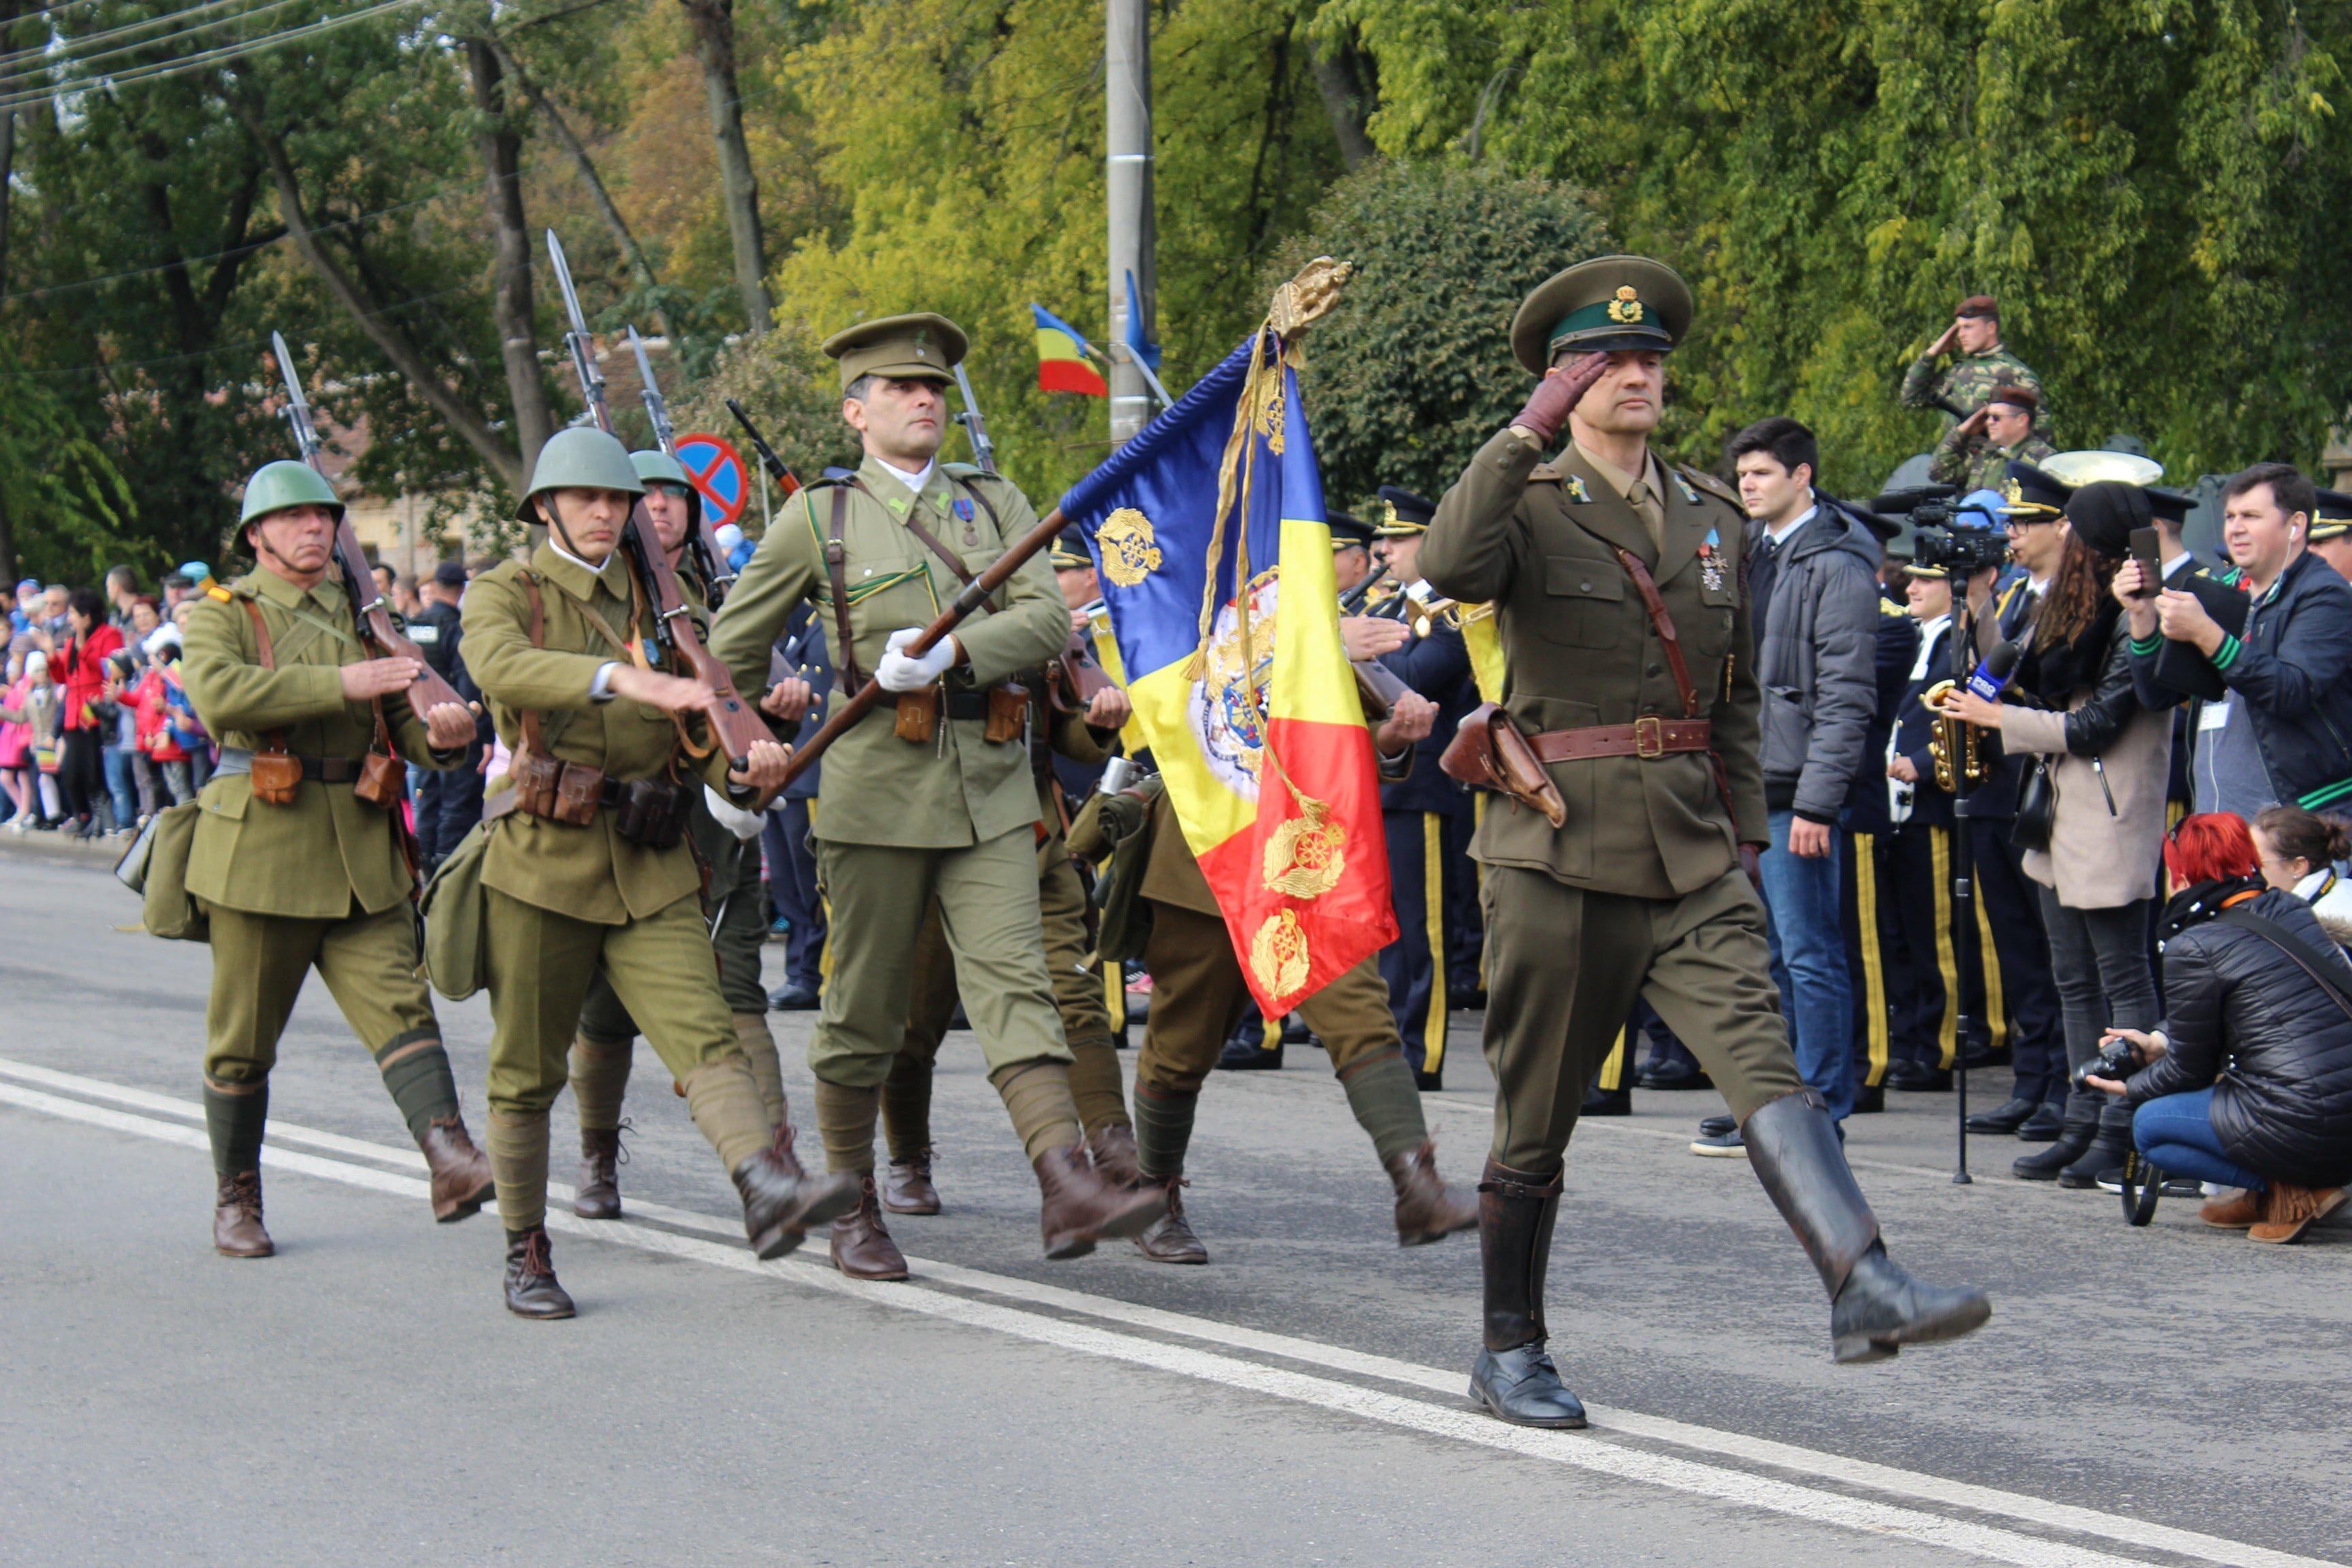 Ziua Armatei surprinsă în fotografii. Galerie foto superbă